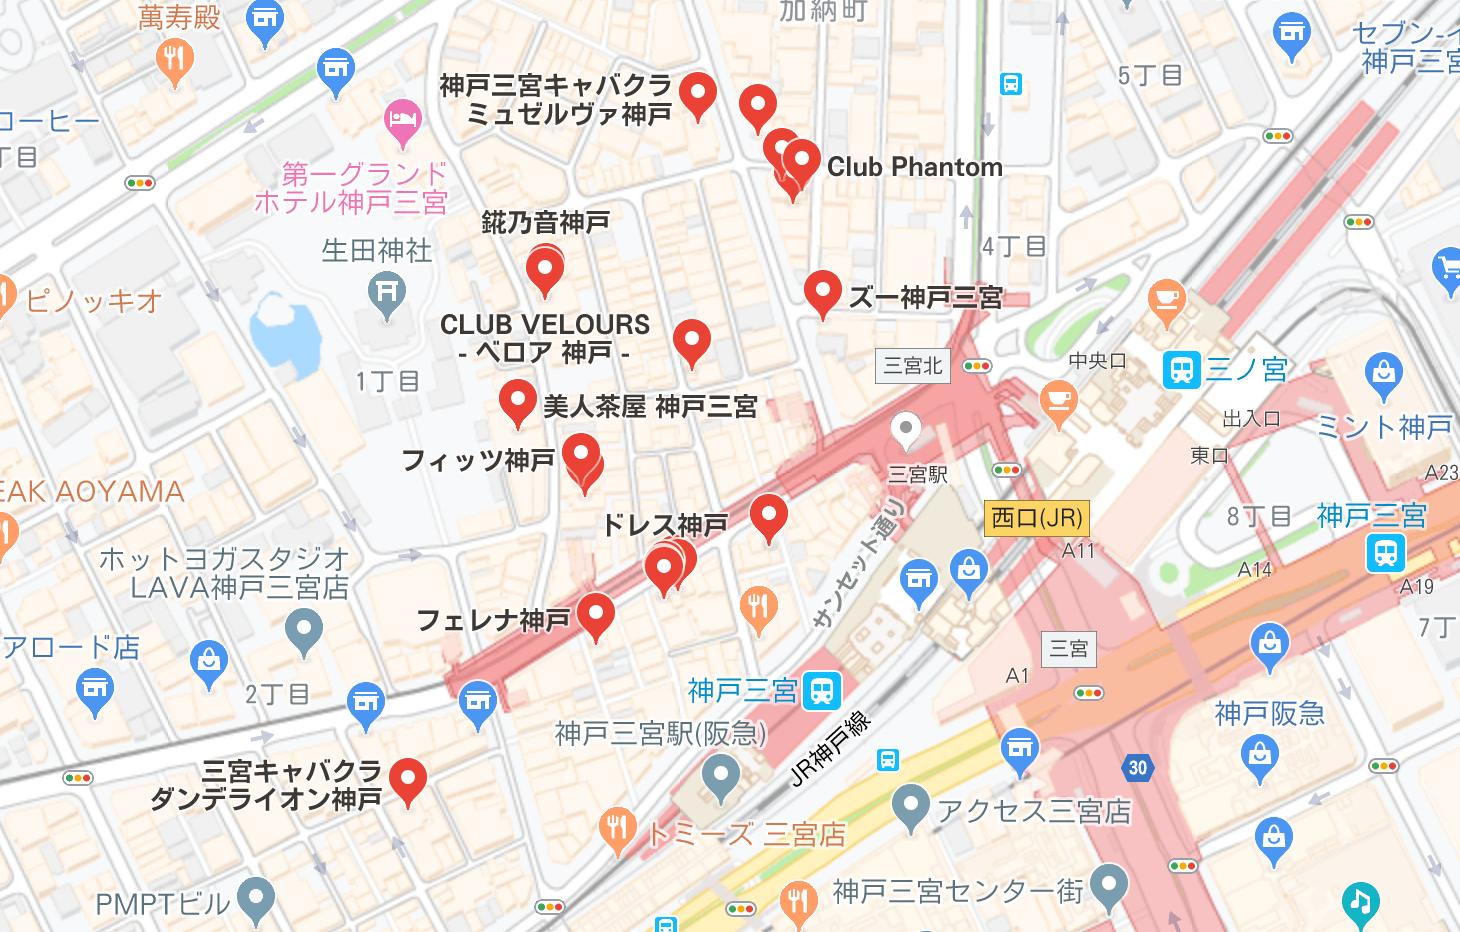 神戸市 キャバクラ